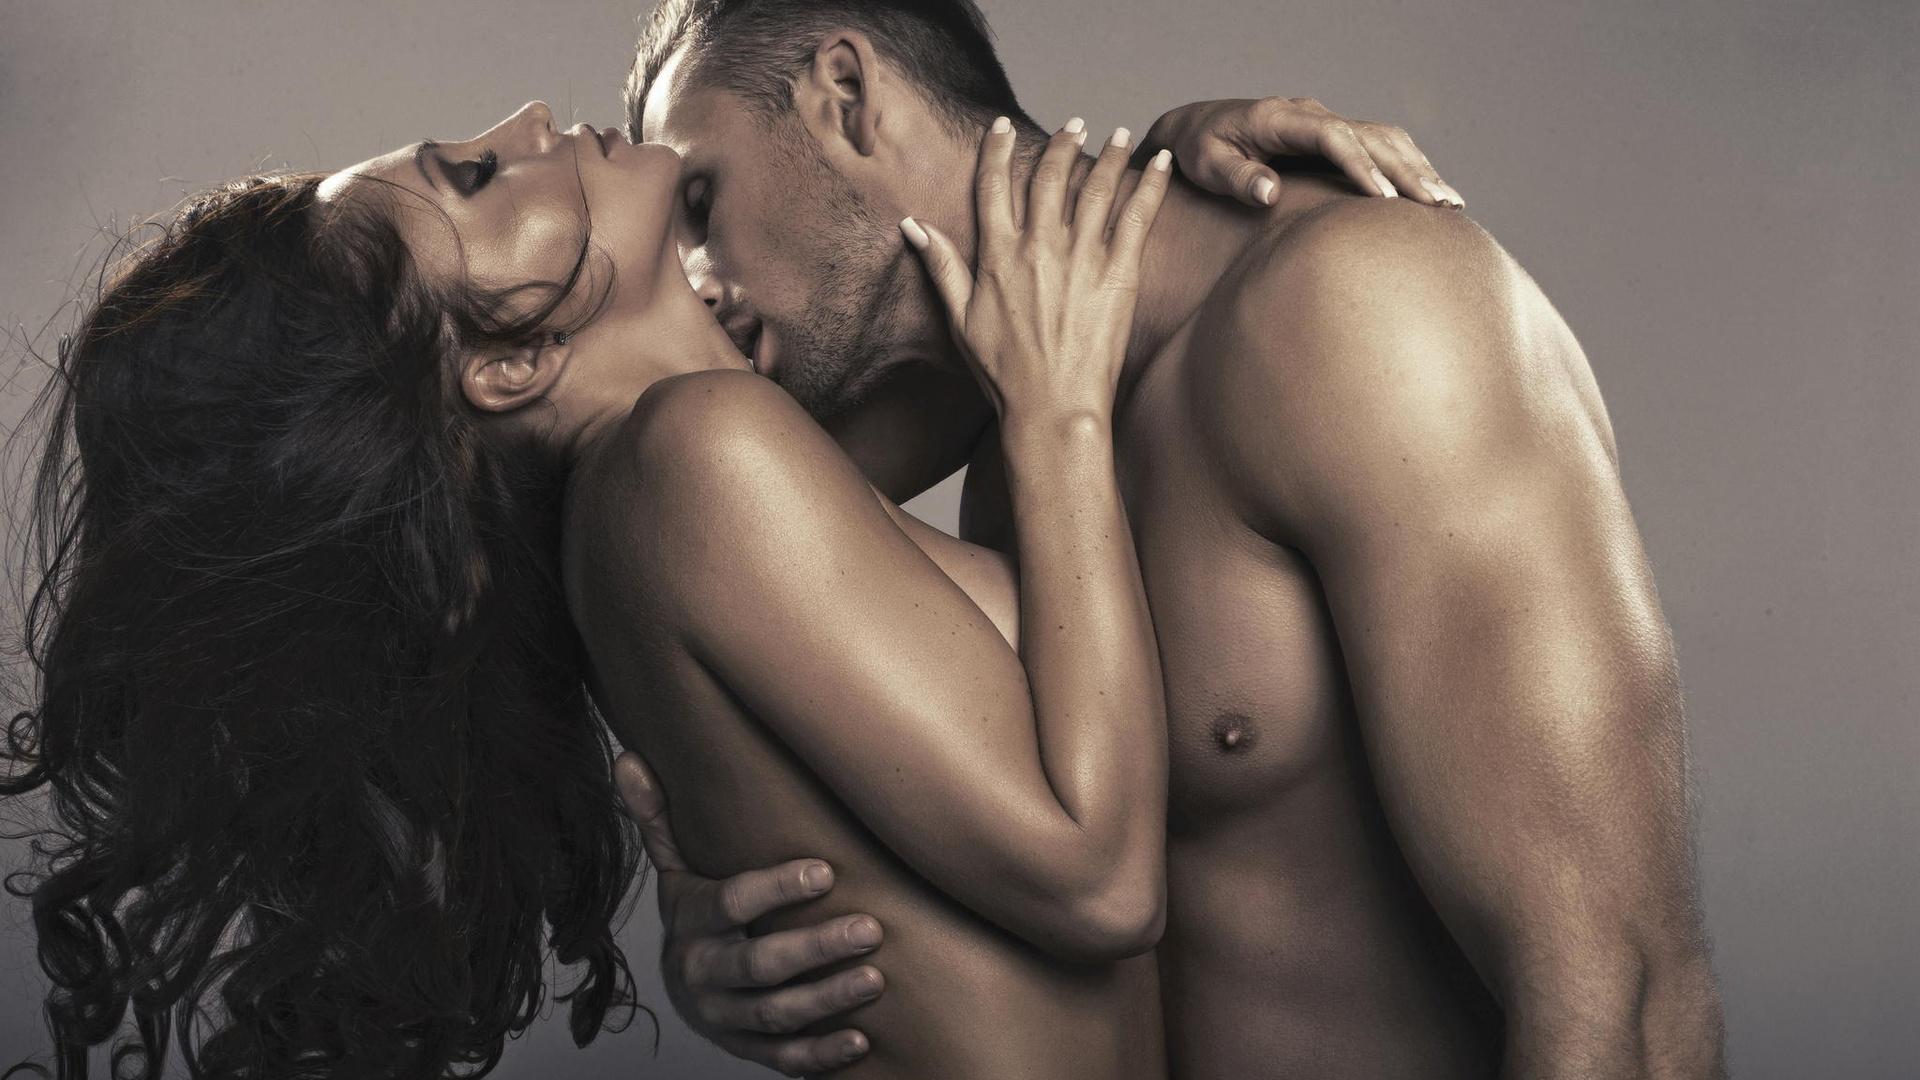 мужчина и женщина сексуальные видео ночь заступать смену